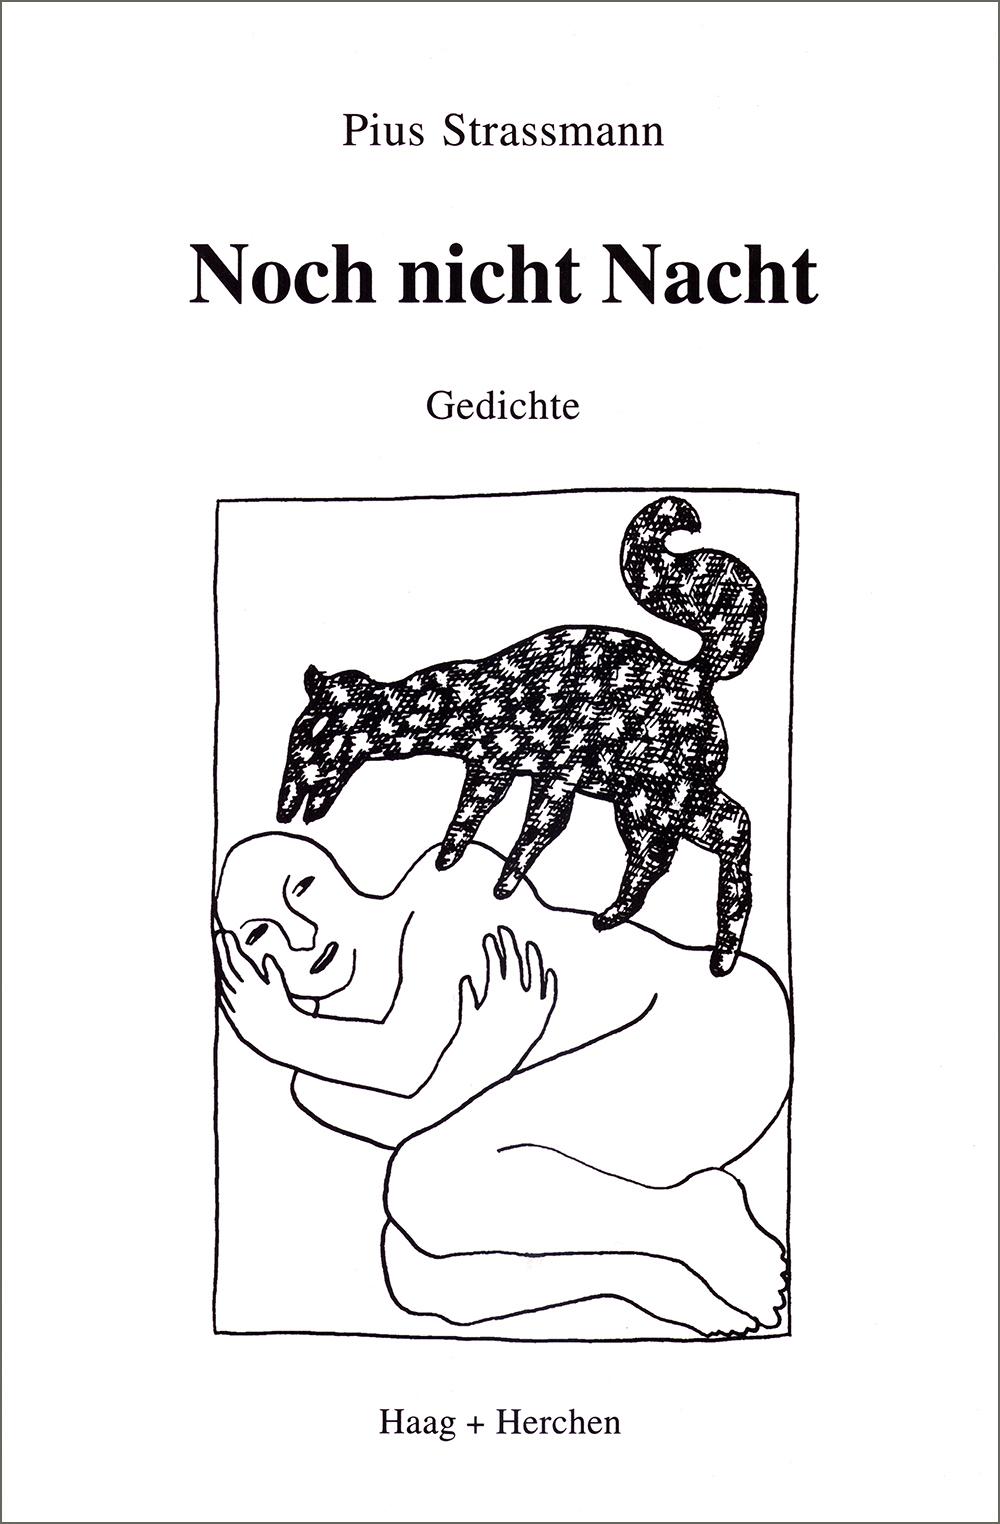 noch nicht nacht  gedichte    frankfurt am main, haag und herchen 1996   mit illustrationen von jürg benninger, luzern    isbn 3-86137-453-6